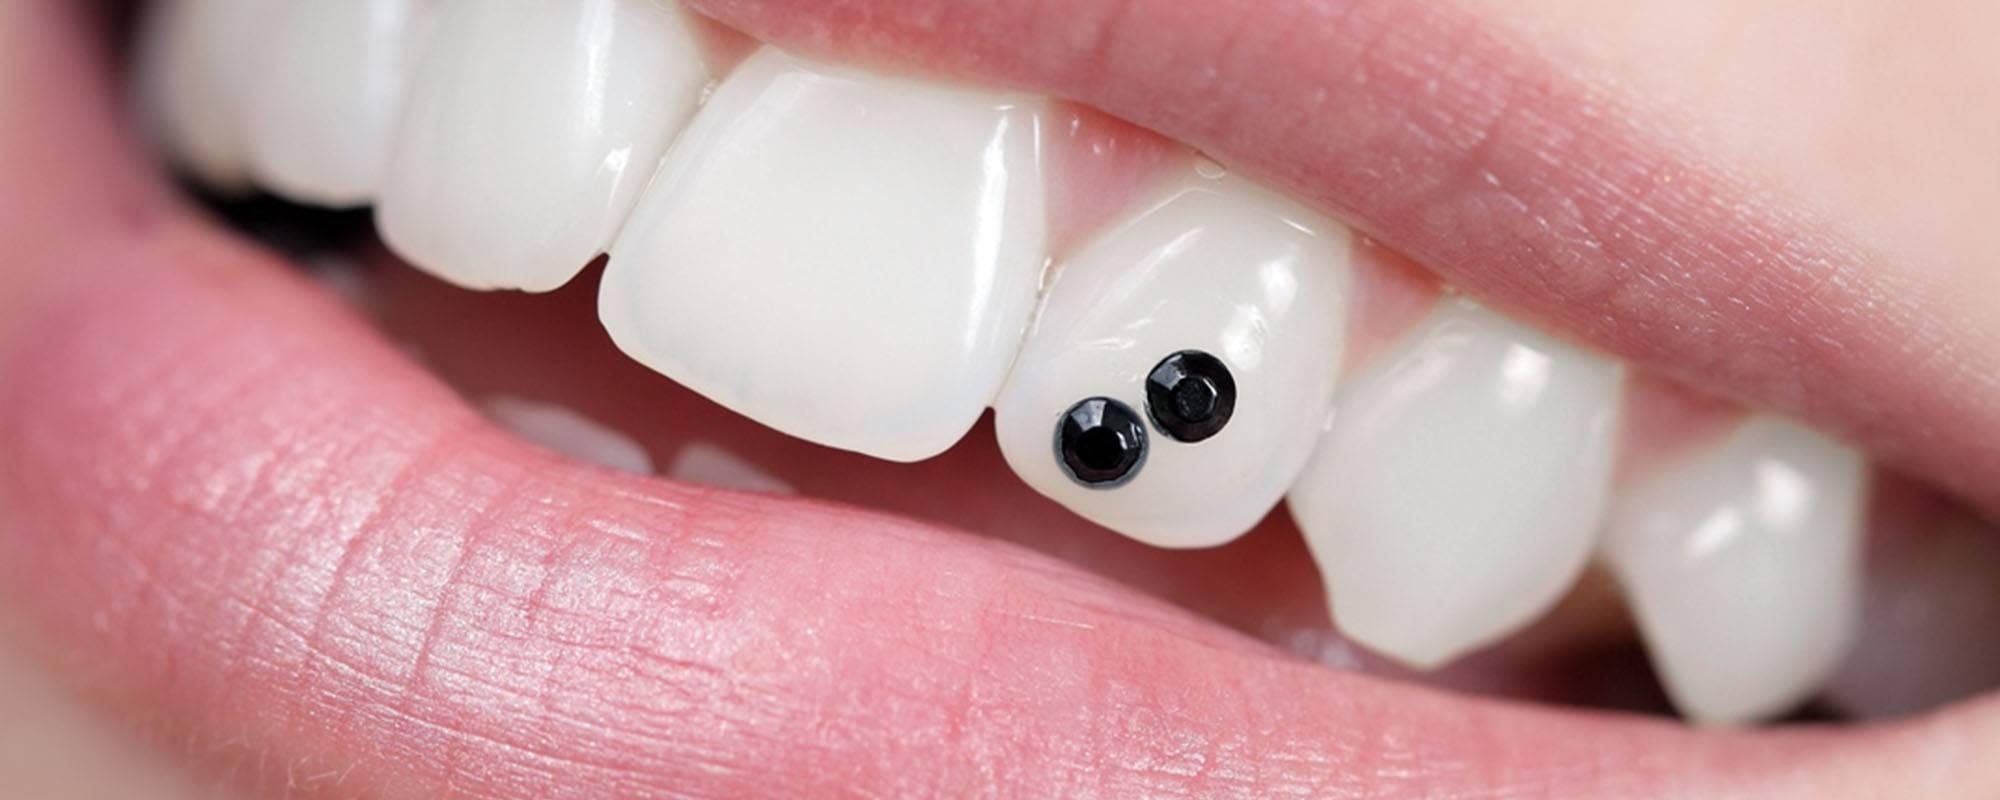 Скайсы или стразы на зуб